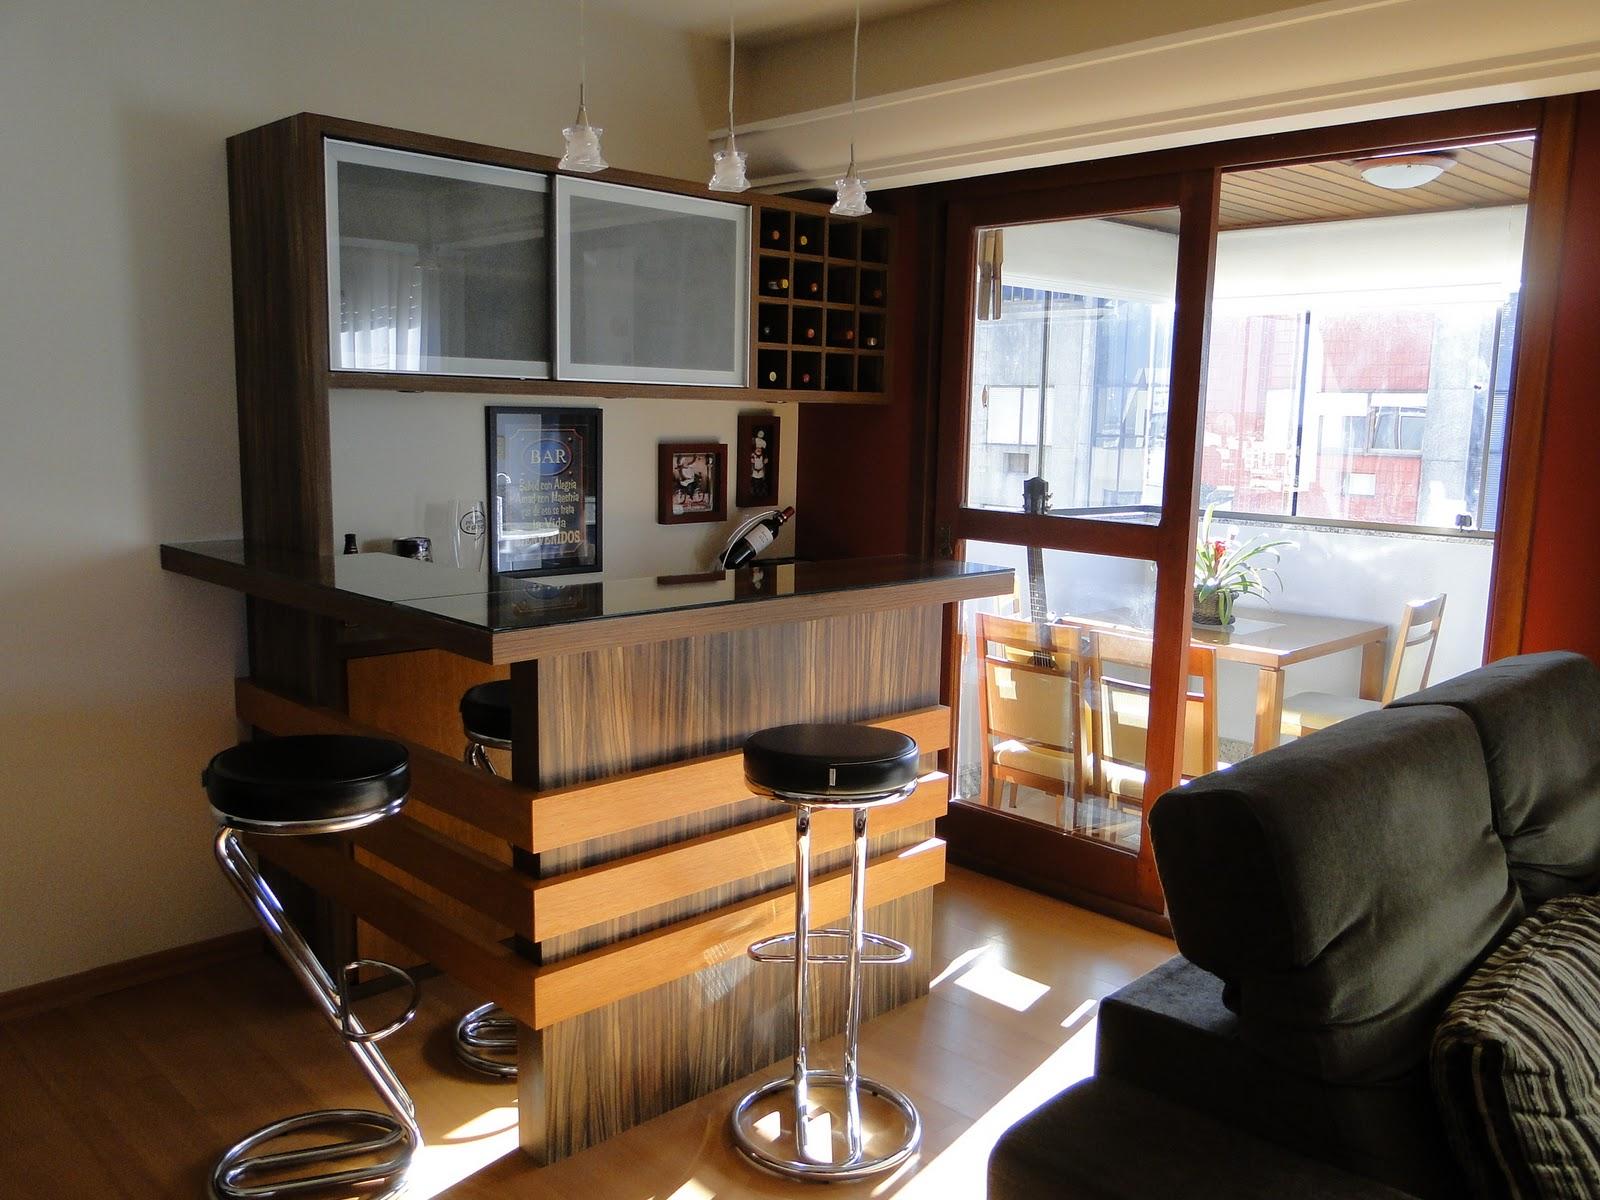 #474355 embase arquitetura para projetos de vida apartamento santa cruz 1600x1200 píxeis em Bar Moderno Para Sala De Estar Imbutido